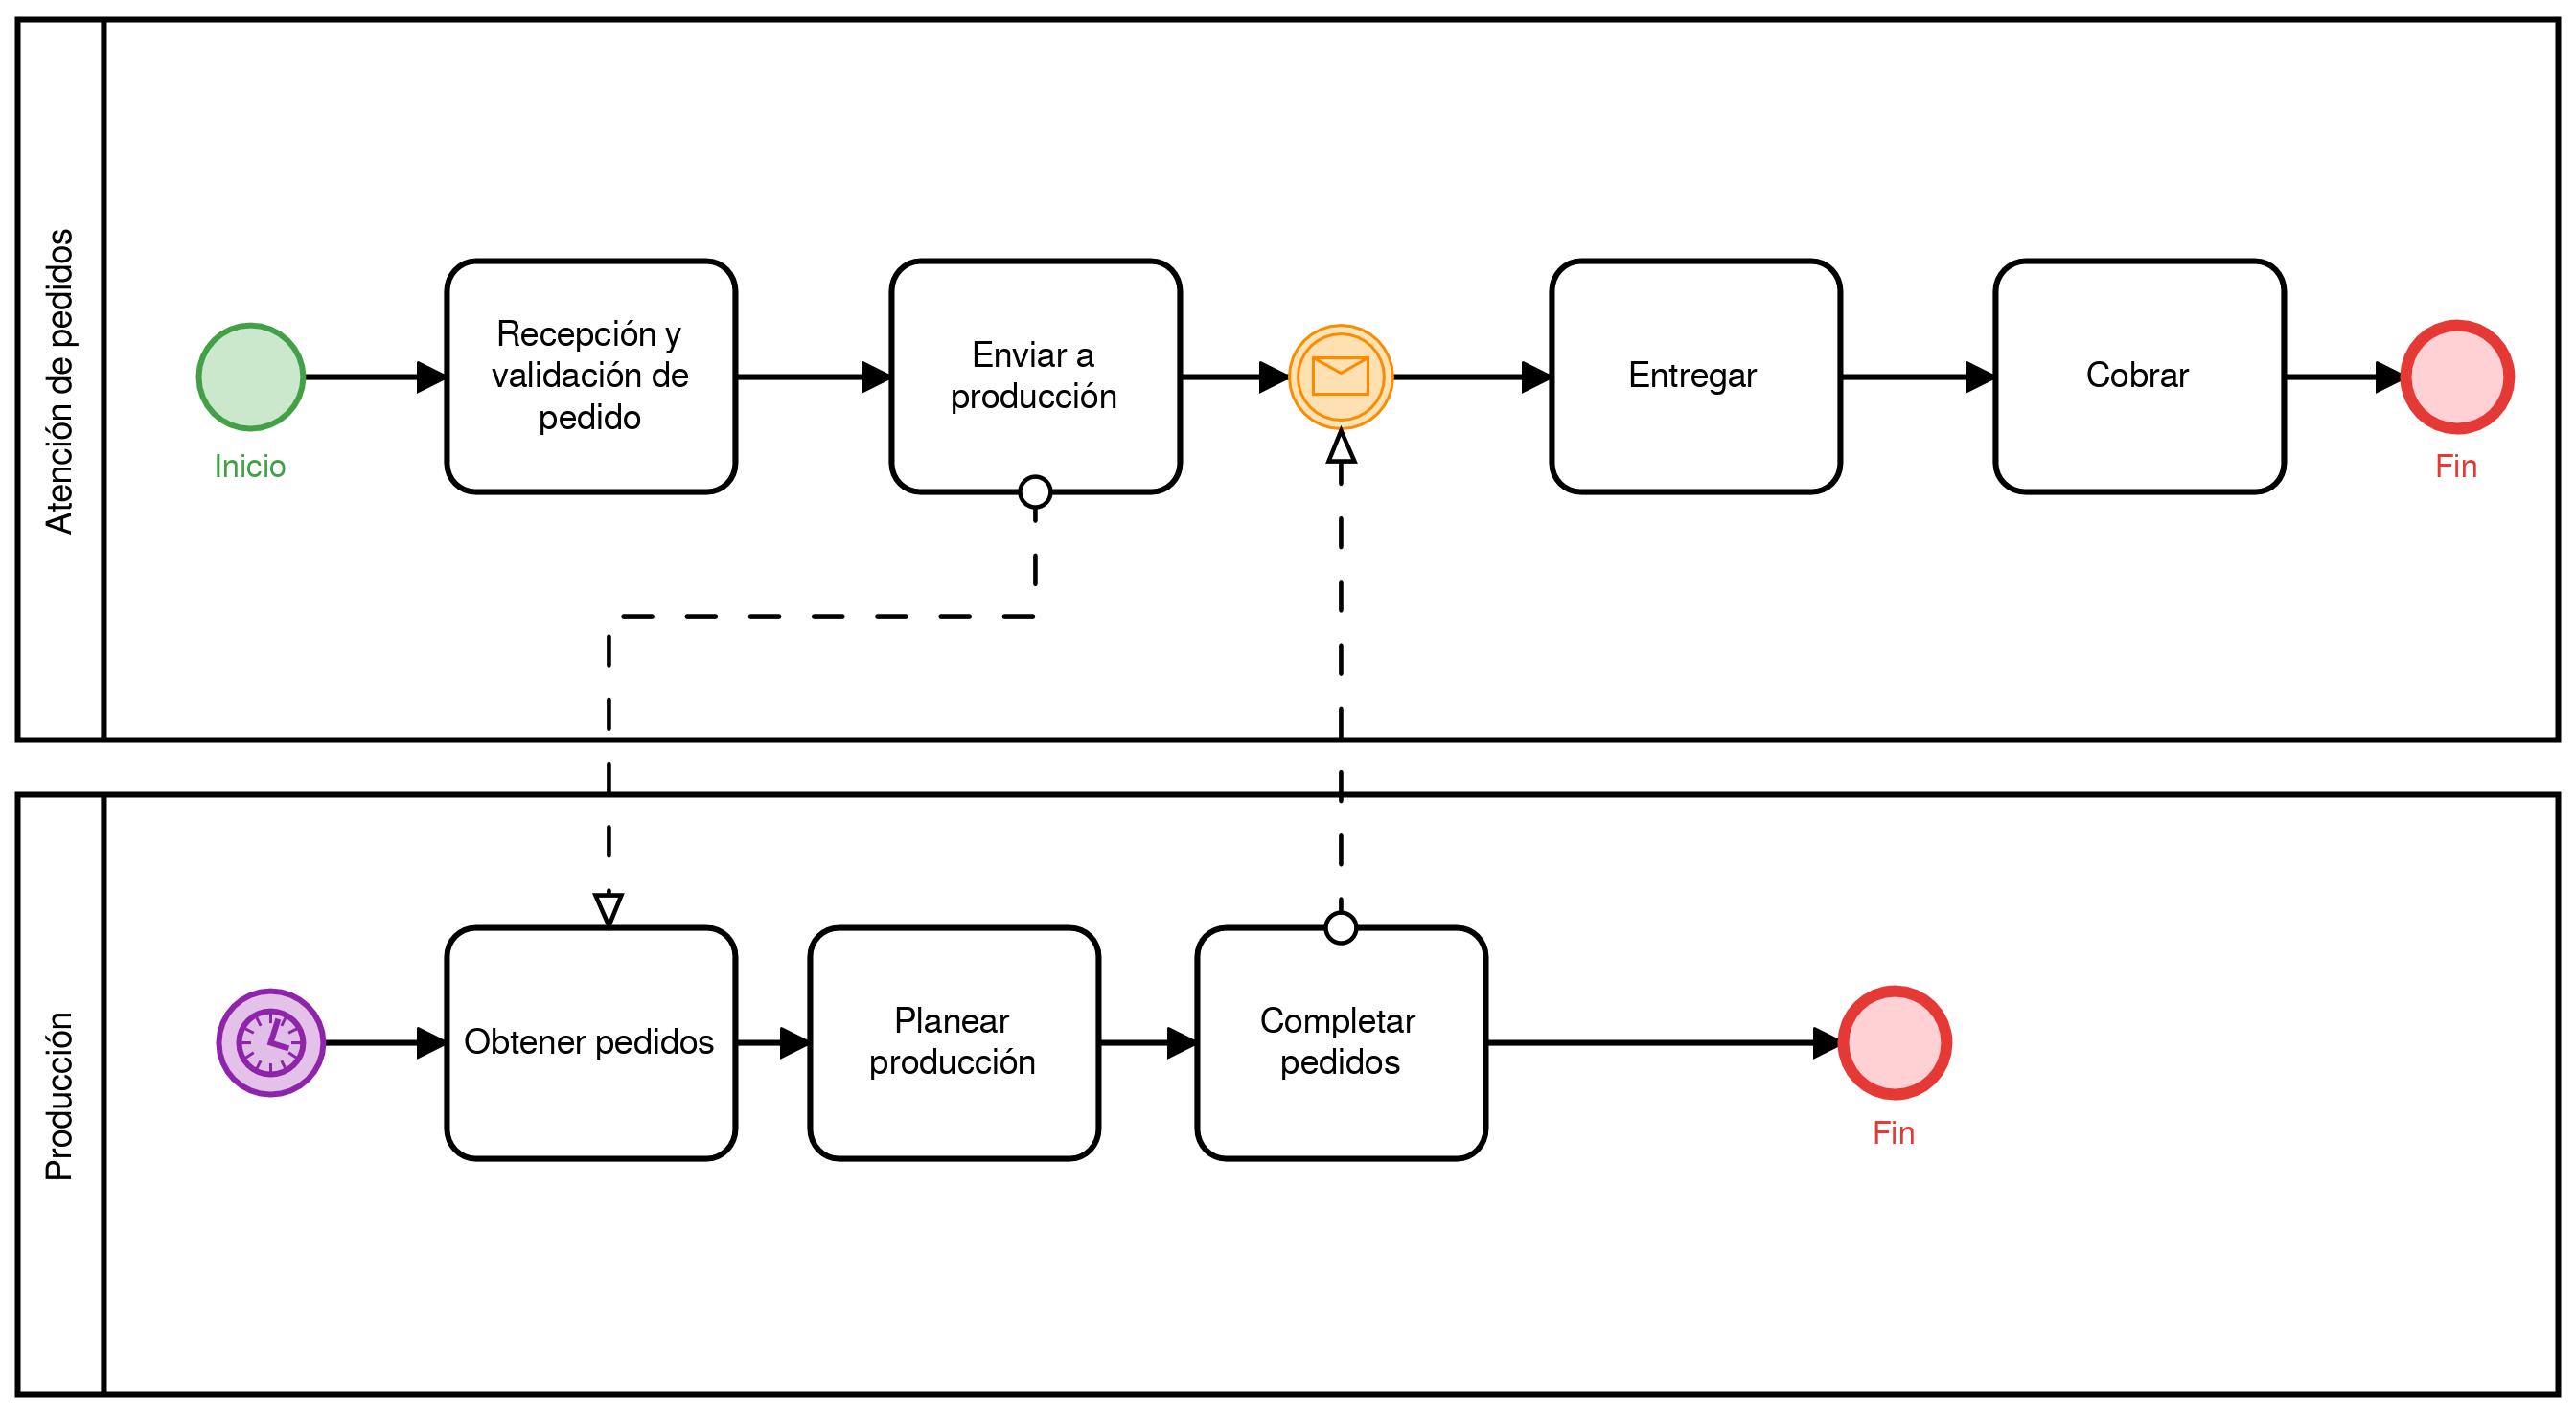 Produccion Mapa De Procesos Ejemplos.5 Ejemplos De Mapeo De Procesos Softgrade Mapas De Procesos